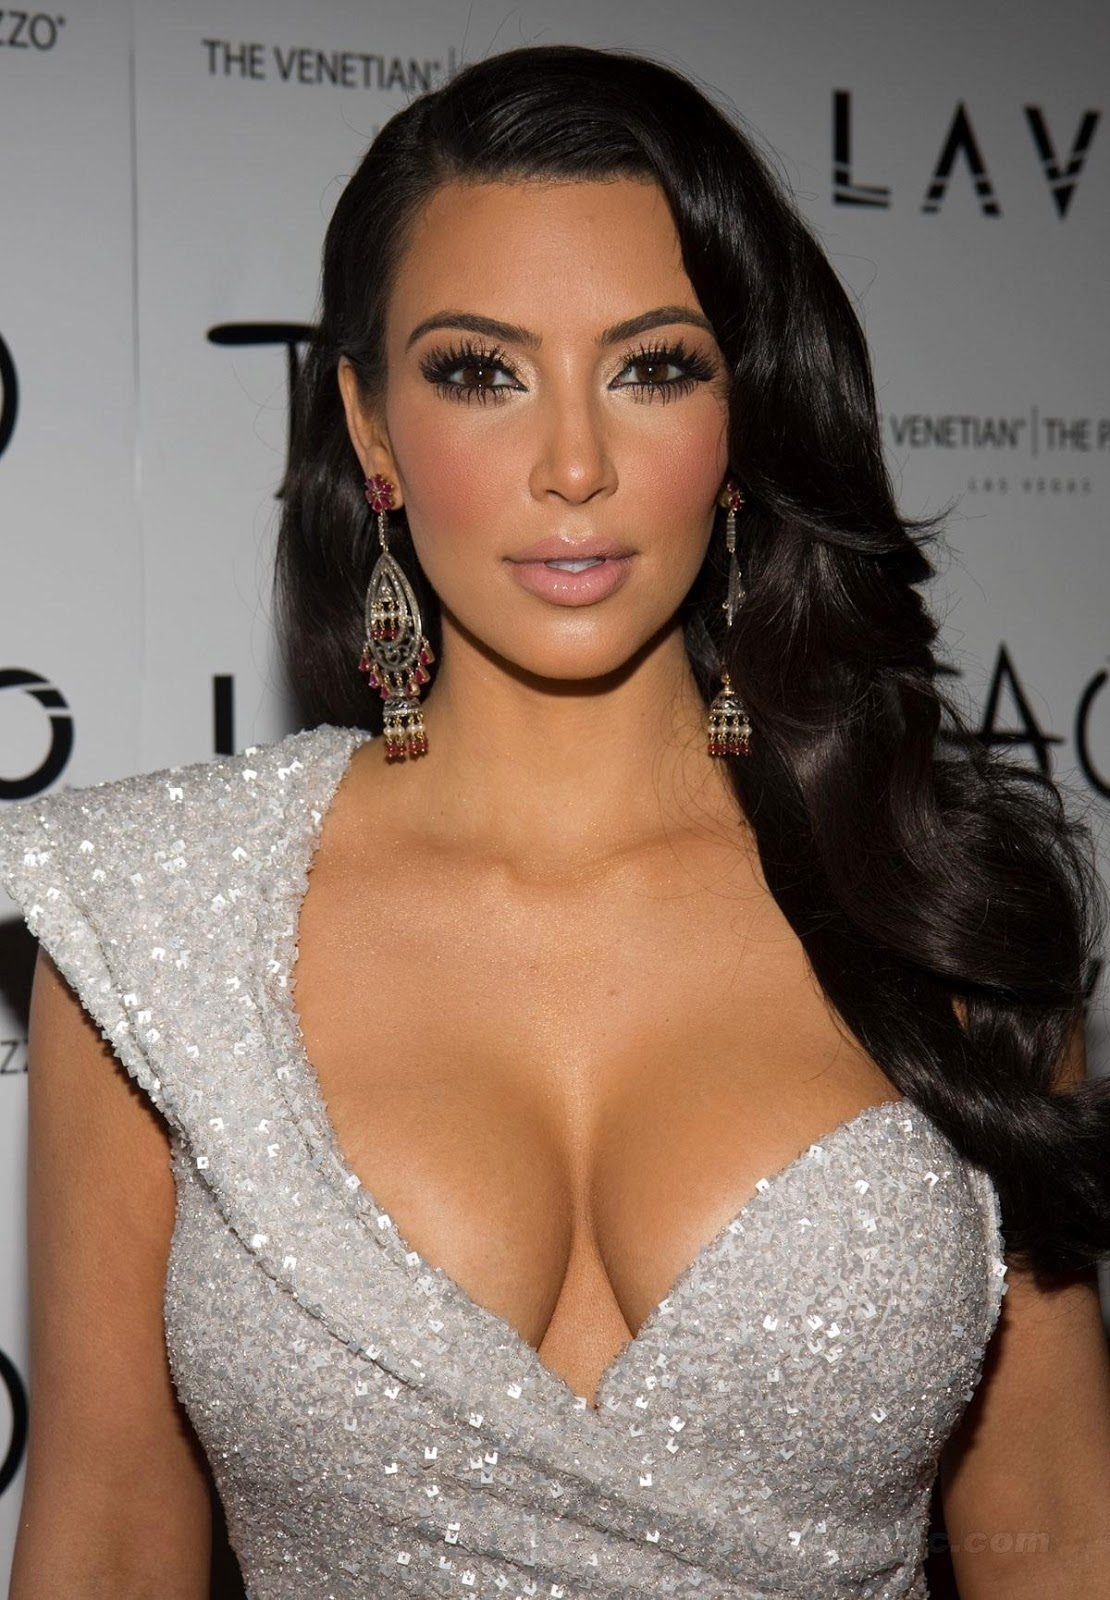 16 personas detenidas por robo a Kim Kardashian